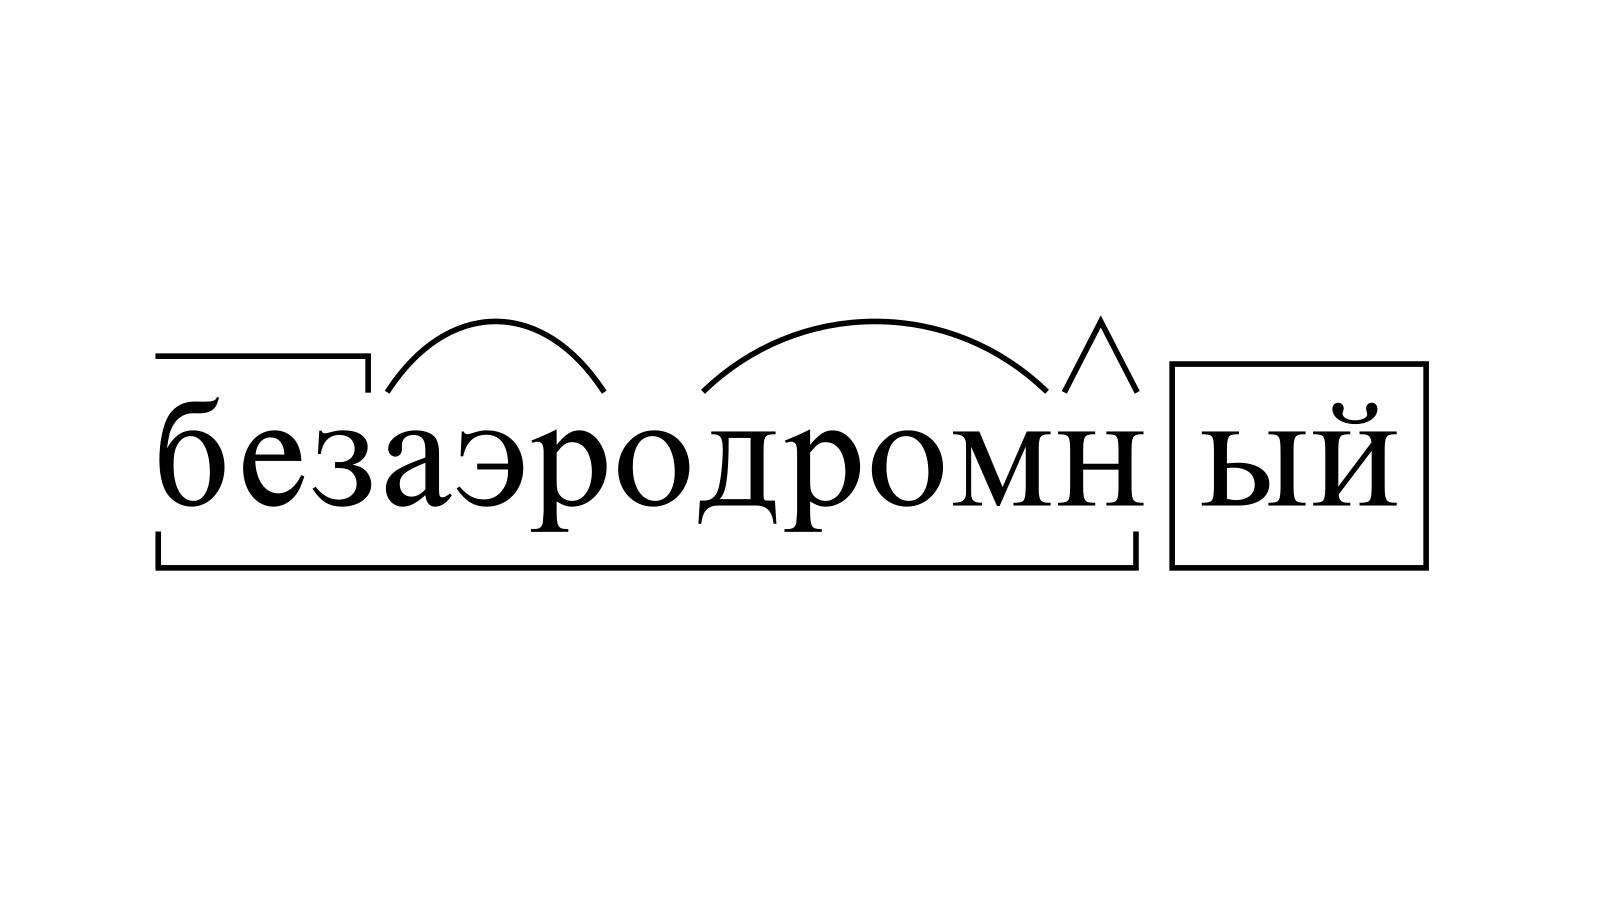 Разбор слова «безаэродромный» по составу